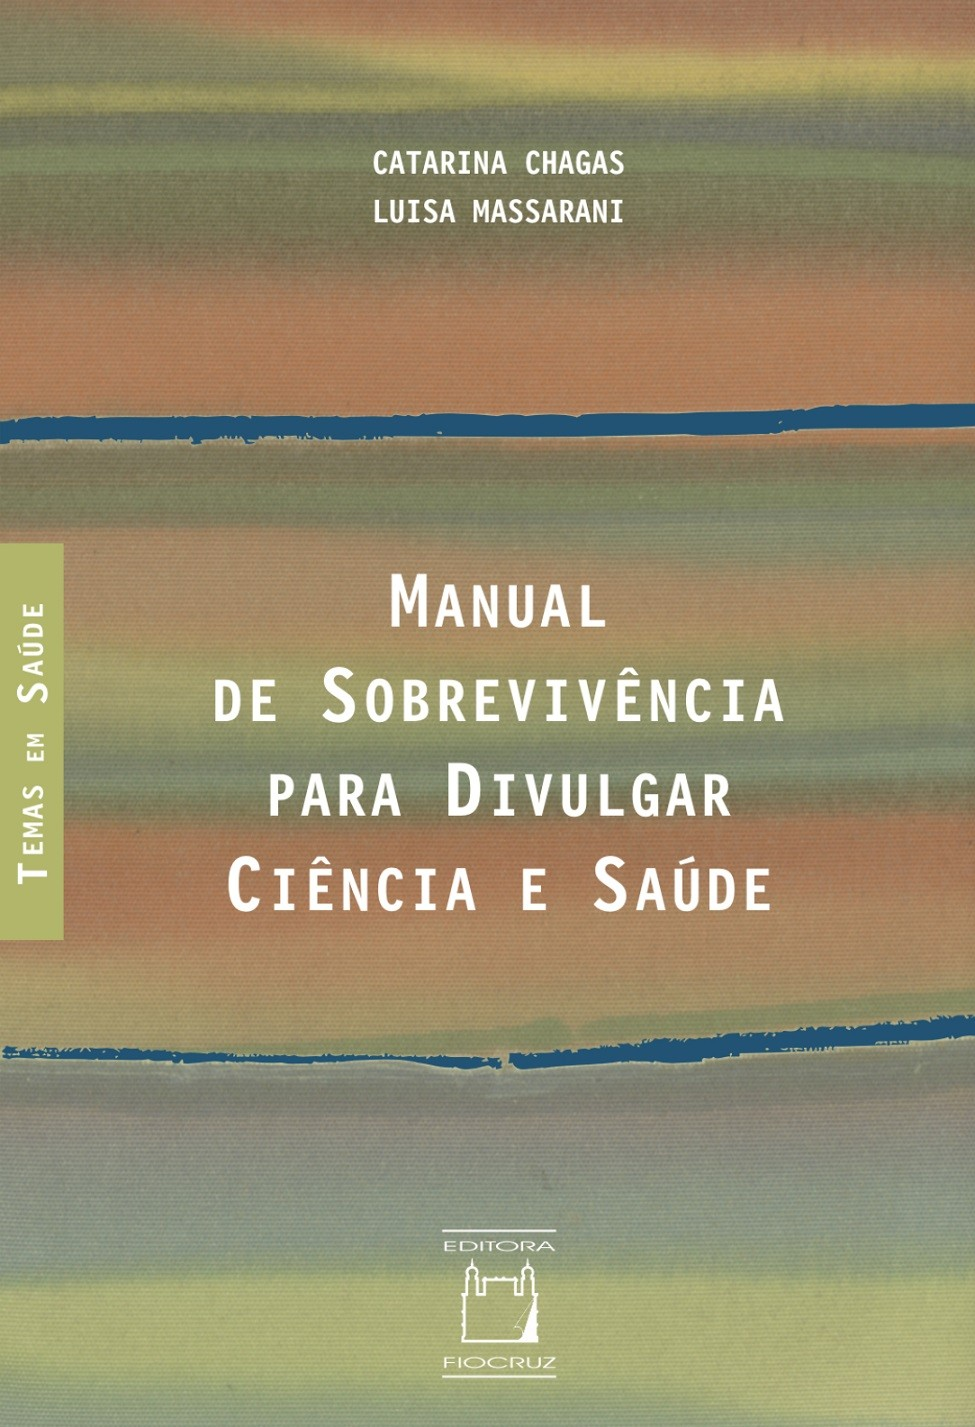 Manual de Sobrevivência para Divulgar Ciência e Saúde  - Livraria Virtual da Editora Fiocruz